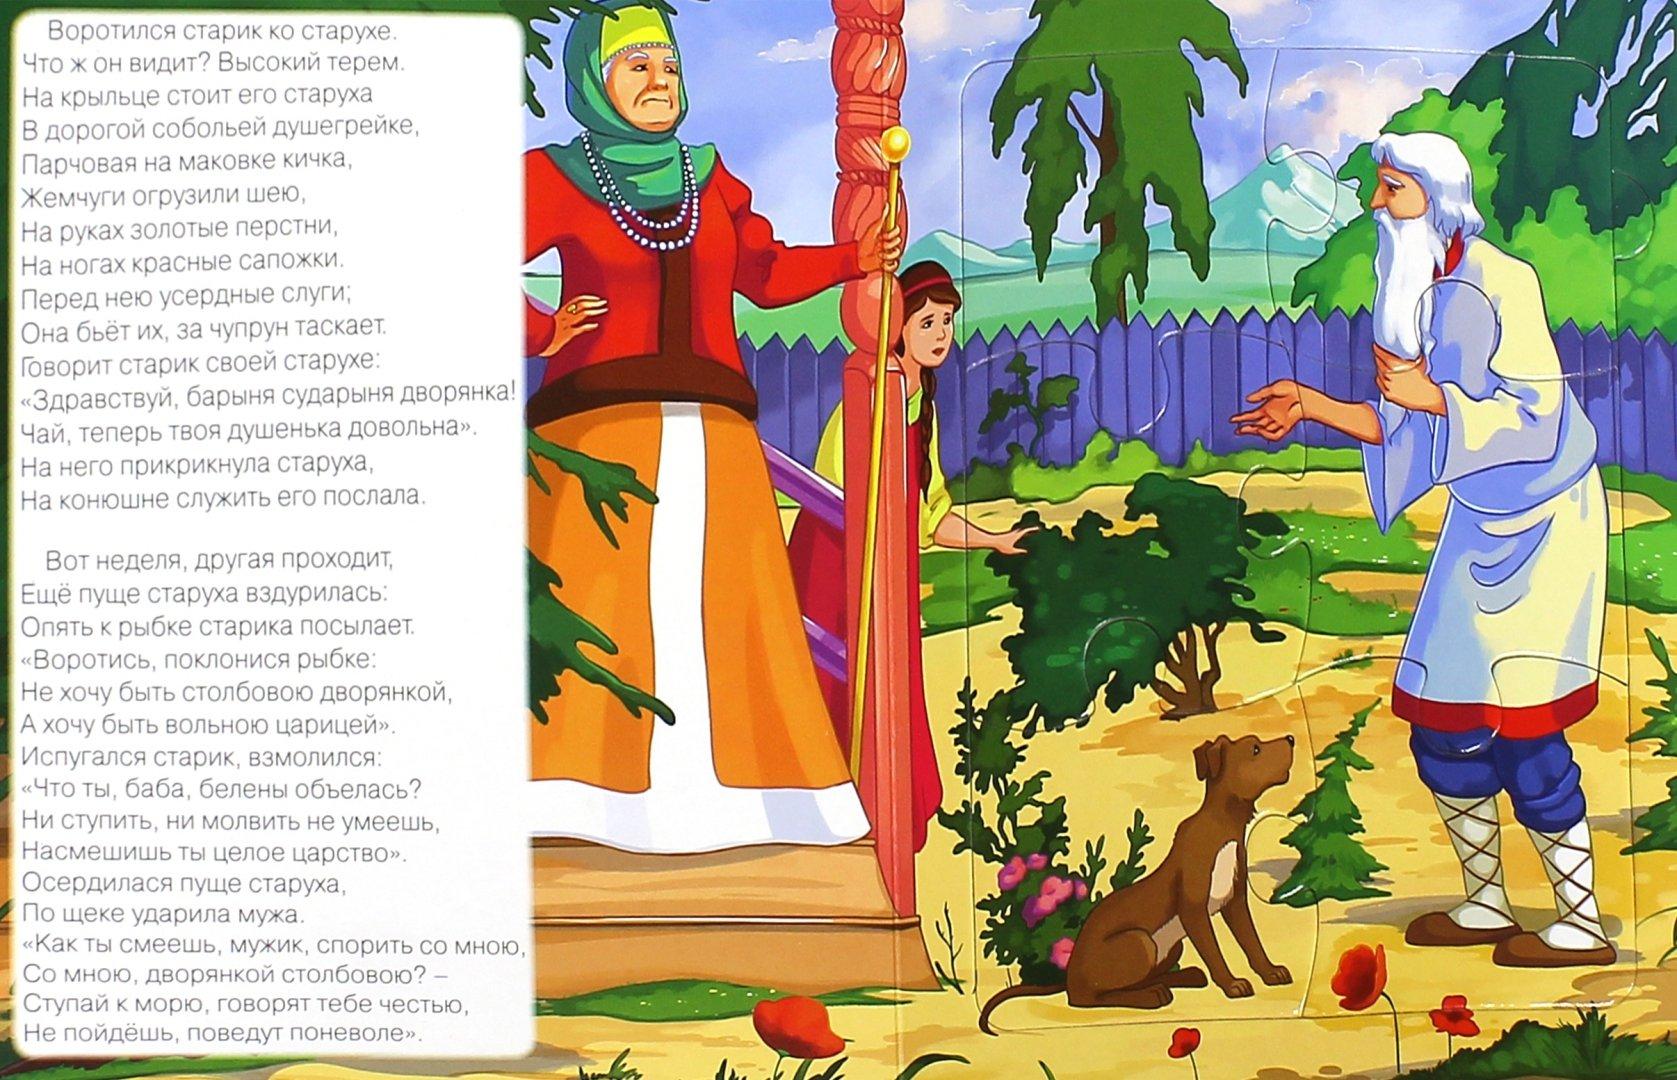 Картинки по сказкам пушкина для дошкольников, про мишек для